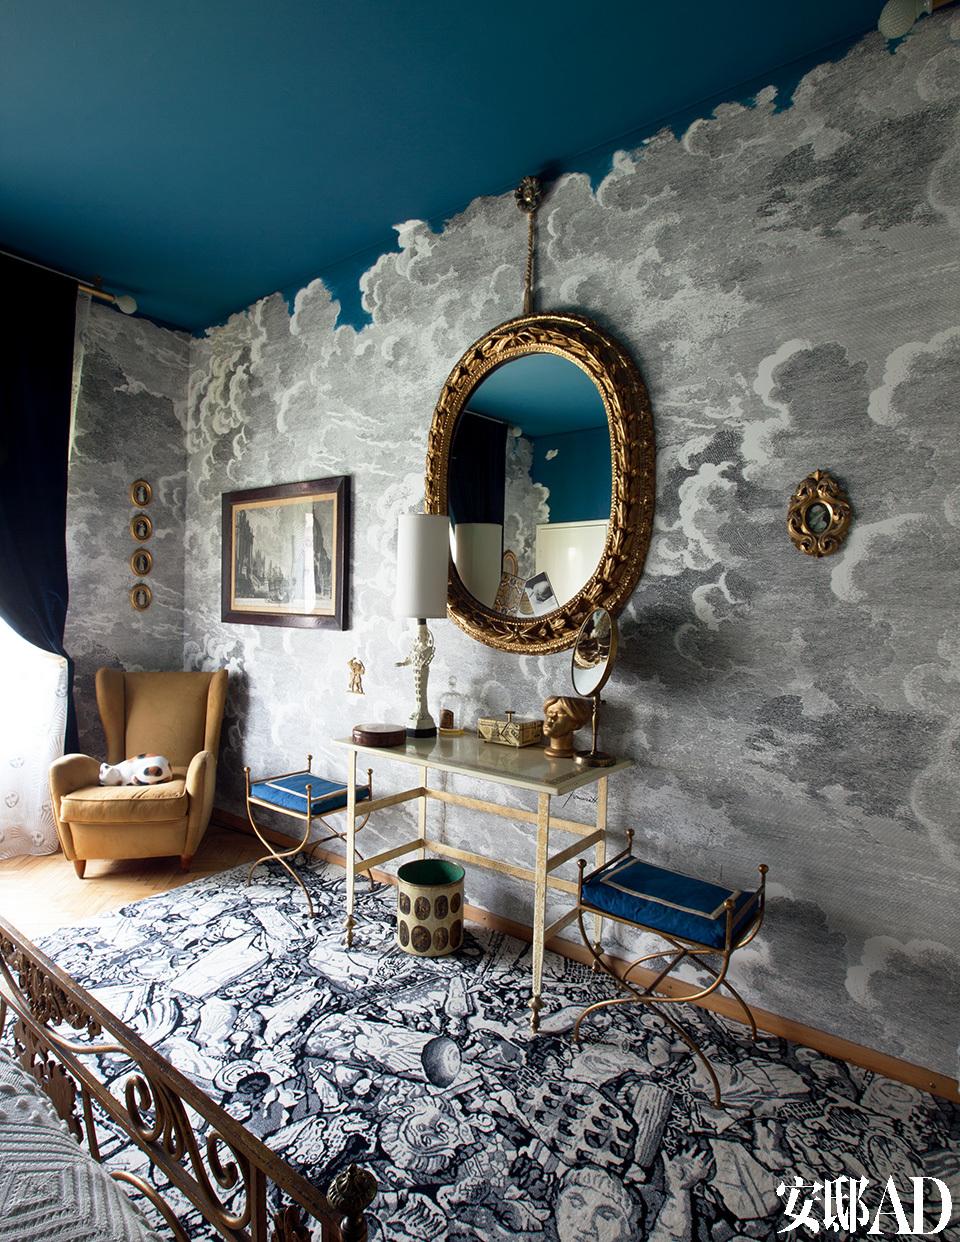 """卧室墙面上的""""蓝天白云"""",令人陶醉在一个风起云涌的童话故事中。Piero Fornasetti位于家二层的卧室。墙纸""""Nuvolette""""是Fornasetti先生的原创作品,至今仍被Cole&Son公司制作生产。这个房间已经个性化地被换掉顶部,墙面全部被漆成了蓝色,来获得梦一般的效果。"""